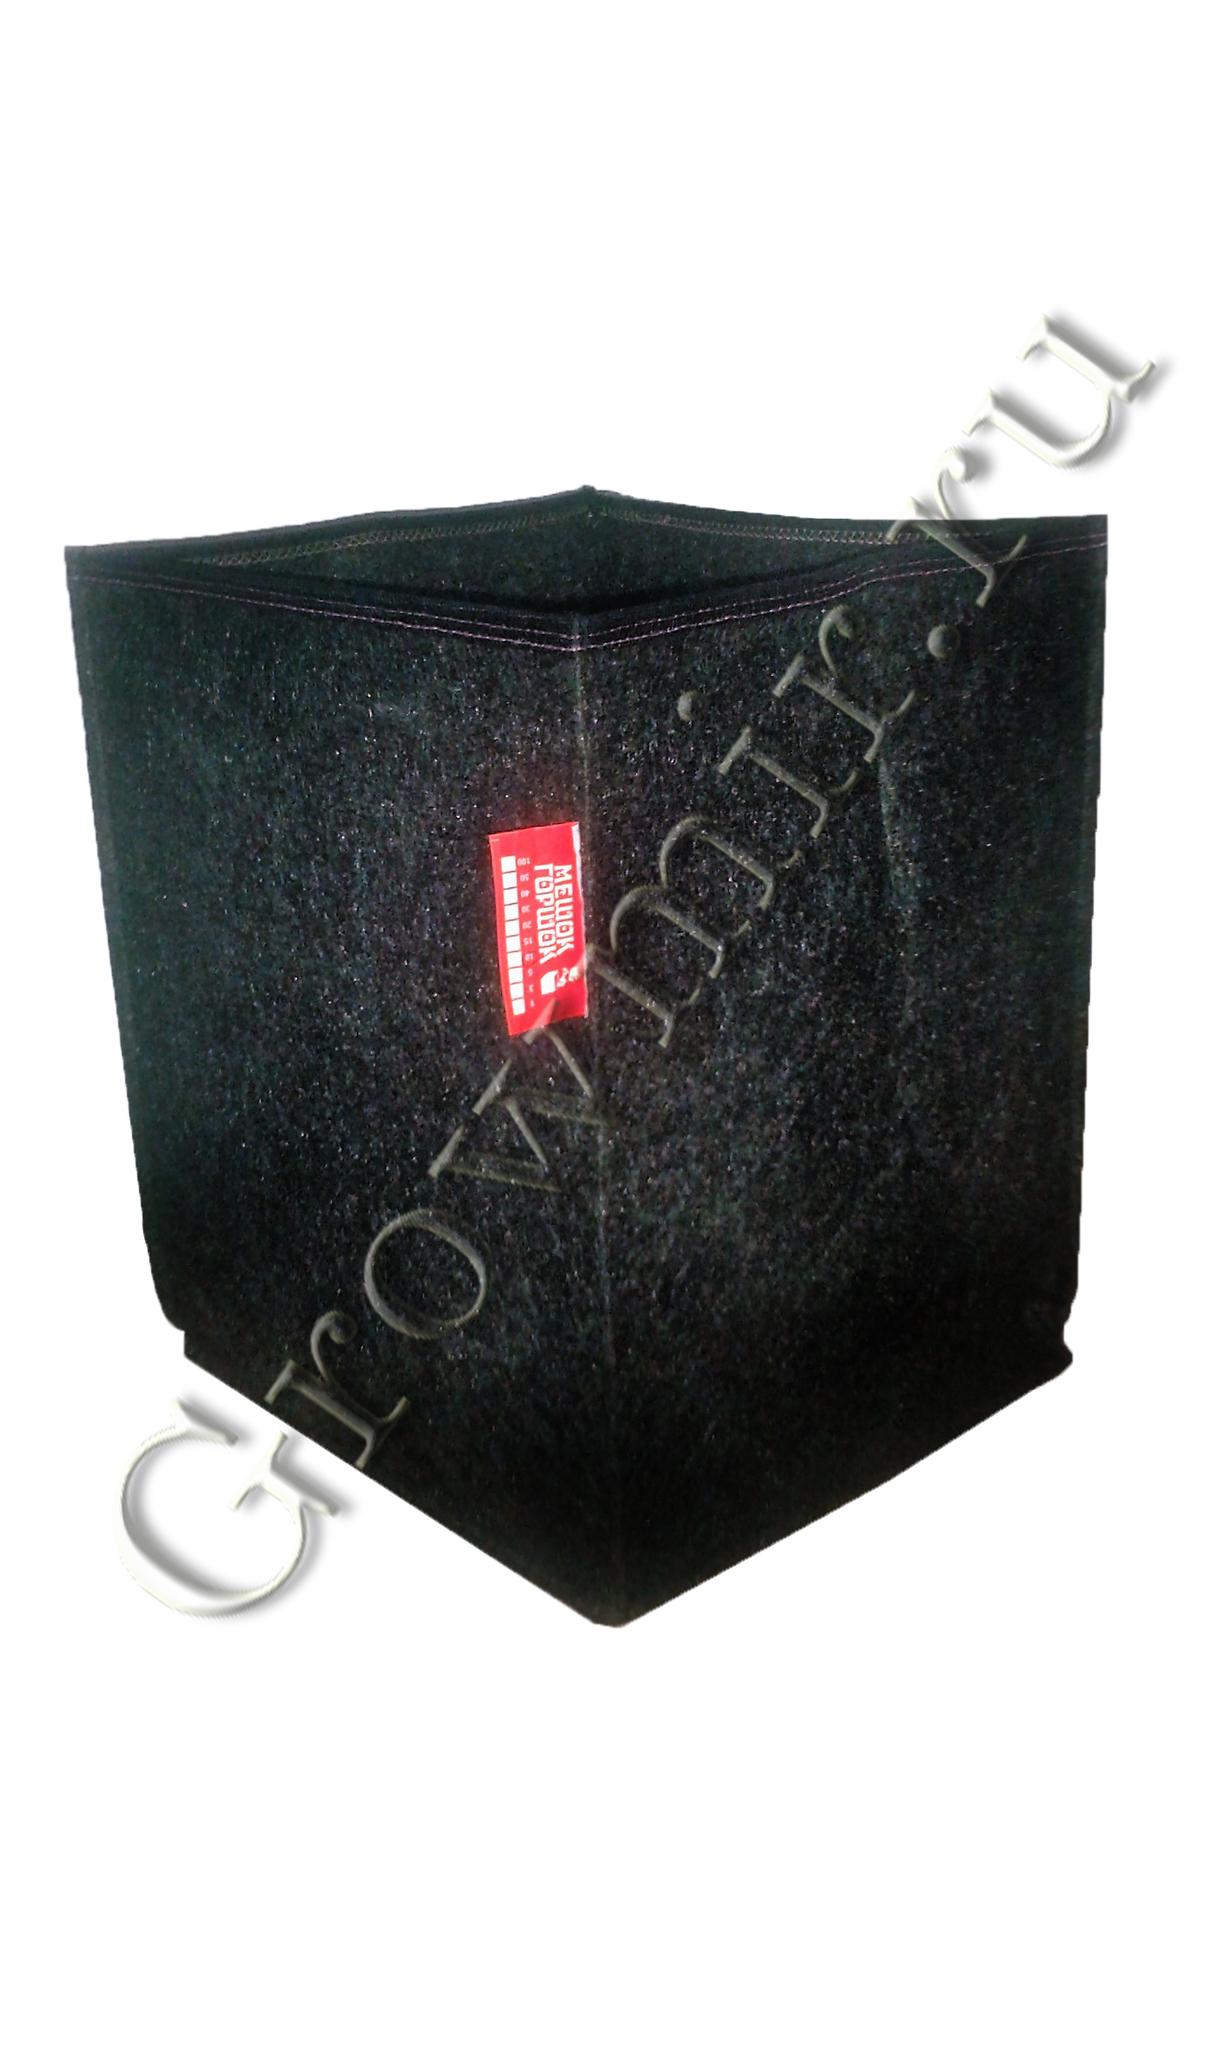 Мешок горшок квадратный 15 л